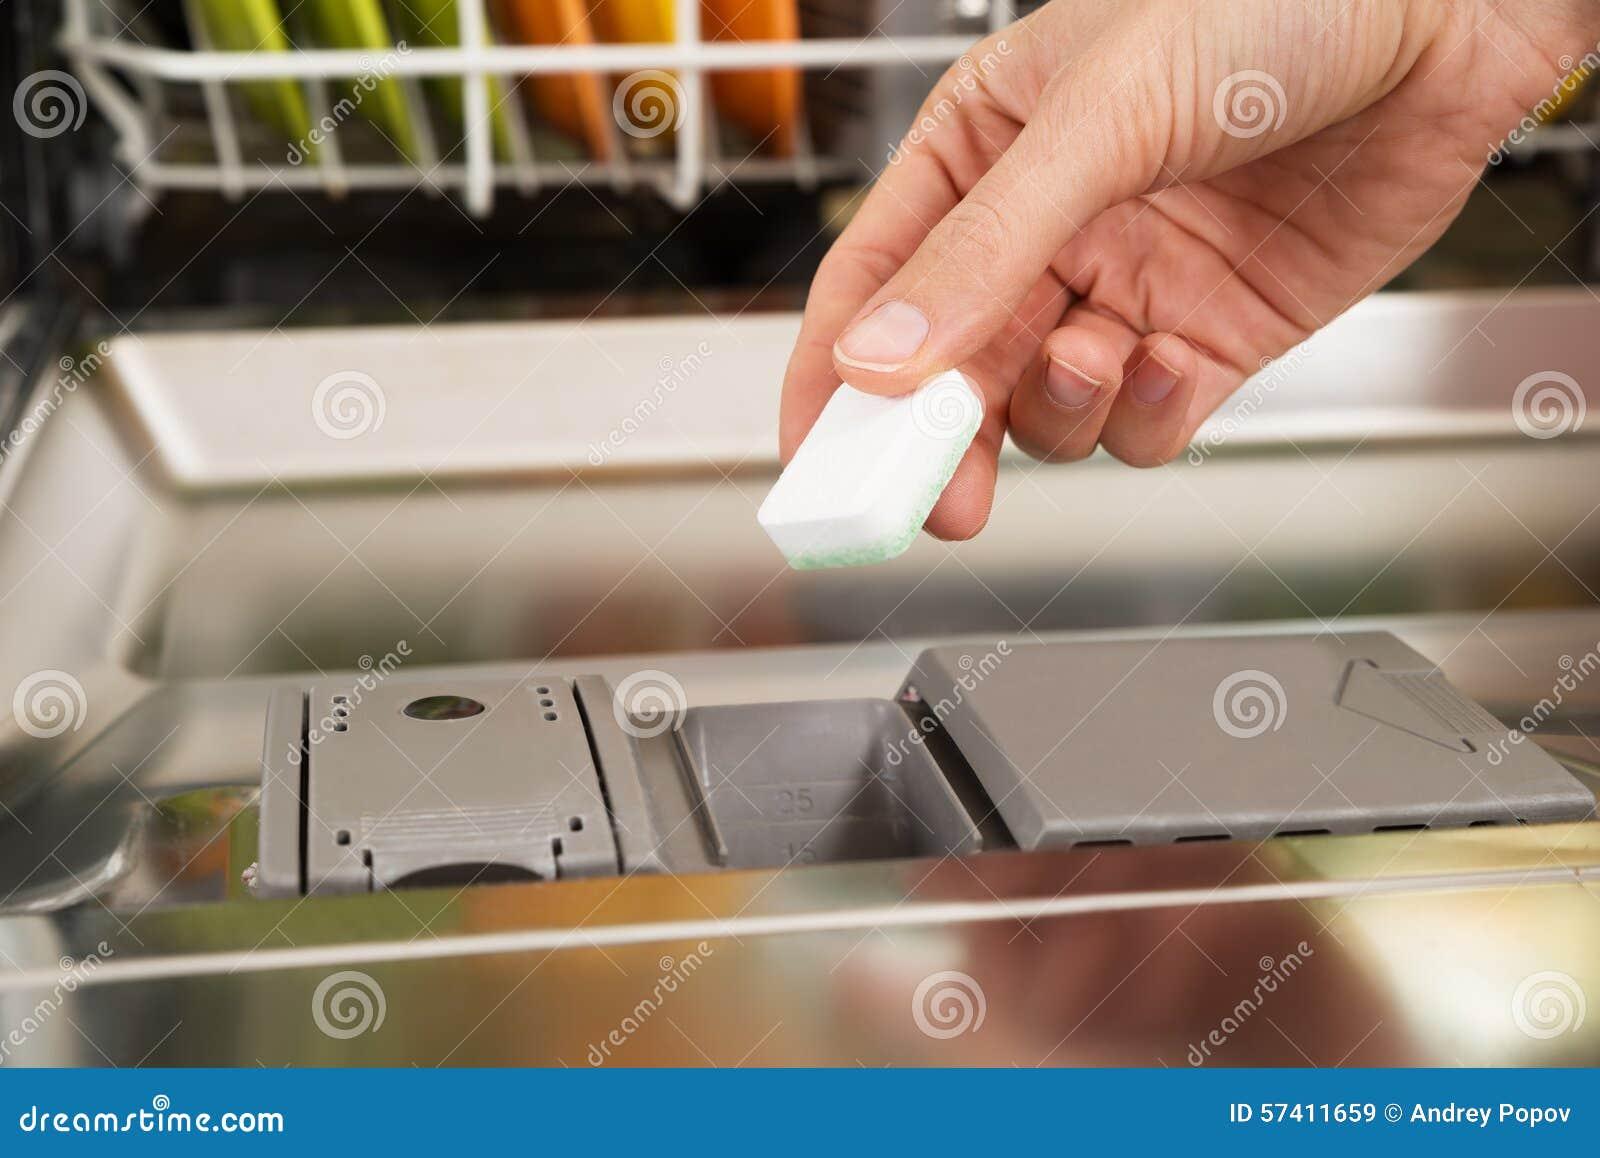 Person Hands Putting Dishwasher Tablet i diskaren Box